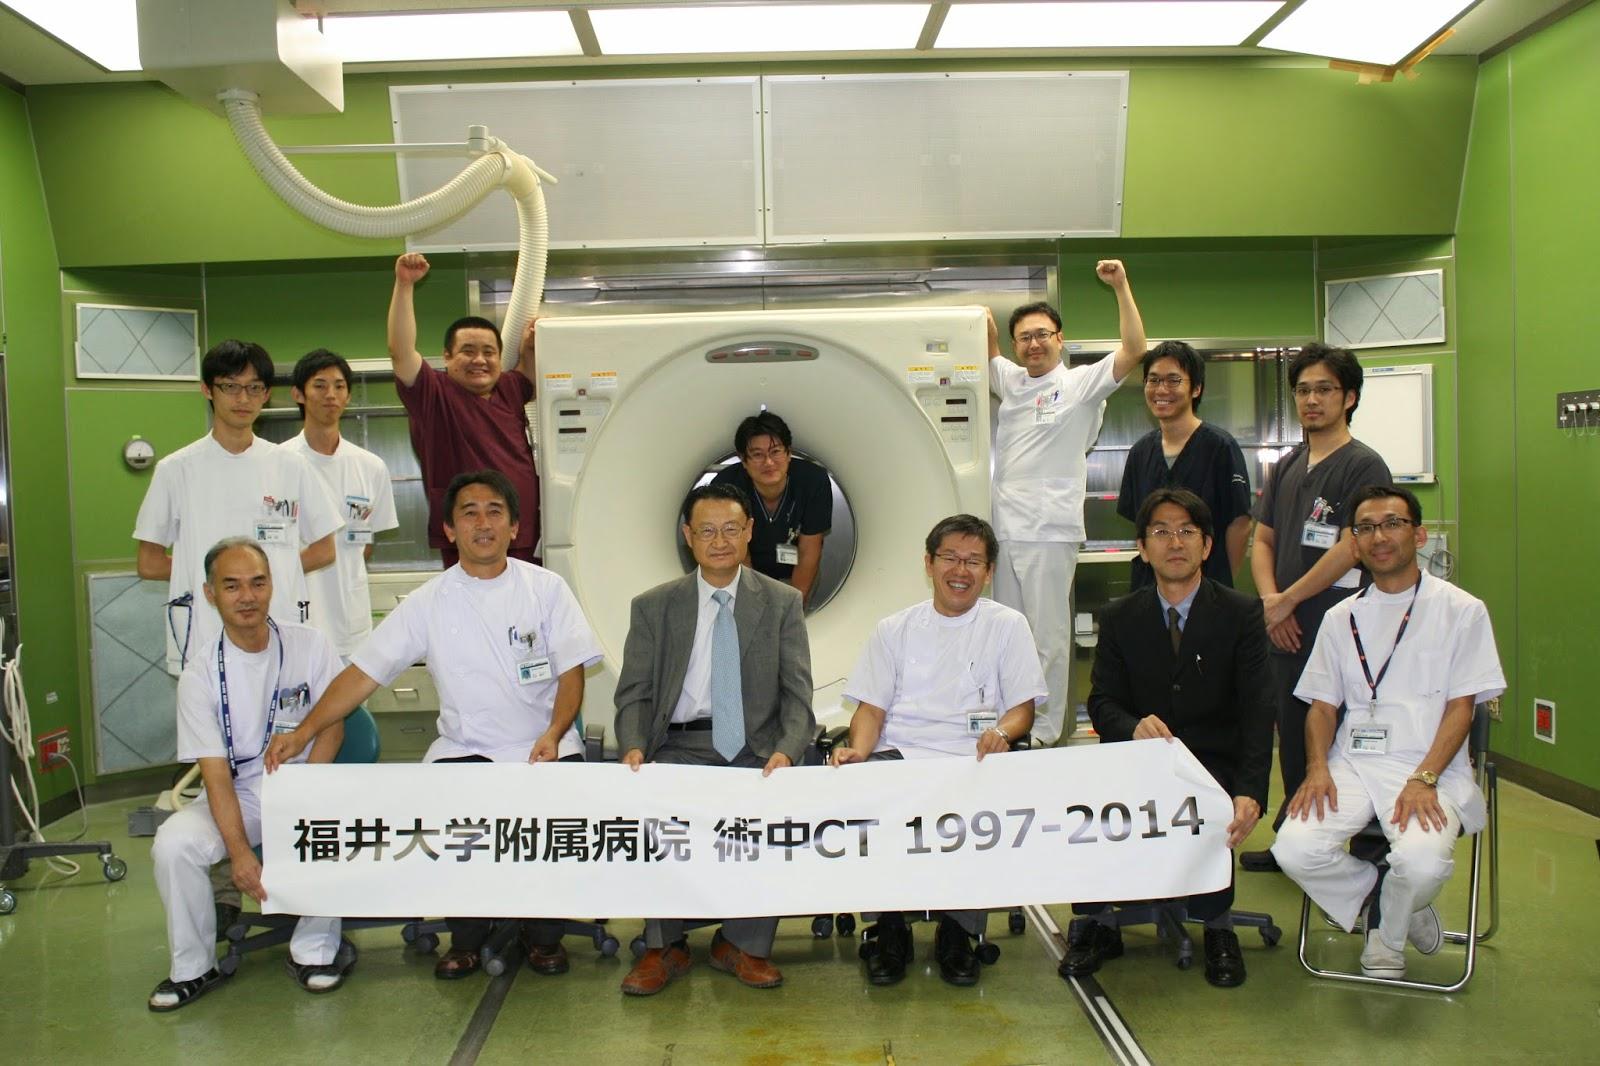 福井大学病院脳神経センター始動    福井大学脳脊髄神経外科ニュース